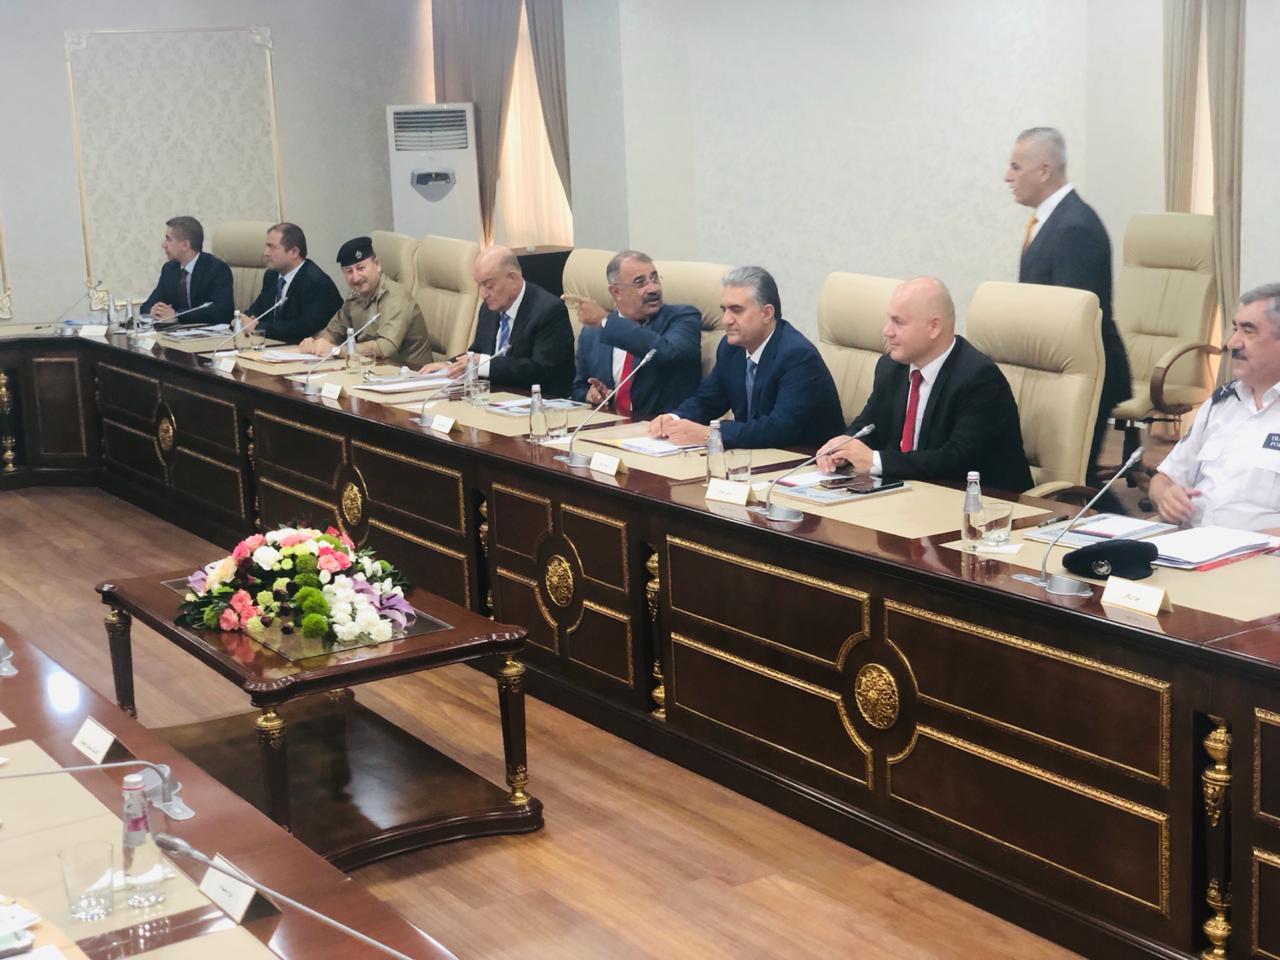 وزيرا داخلية كوردستان والعراق يعلنان نتائج اجتماعهما منها الغاء الـ 10 الاف عن السائحين